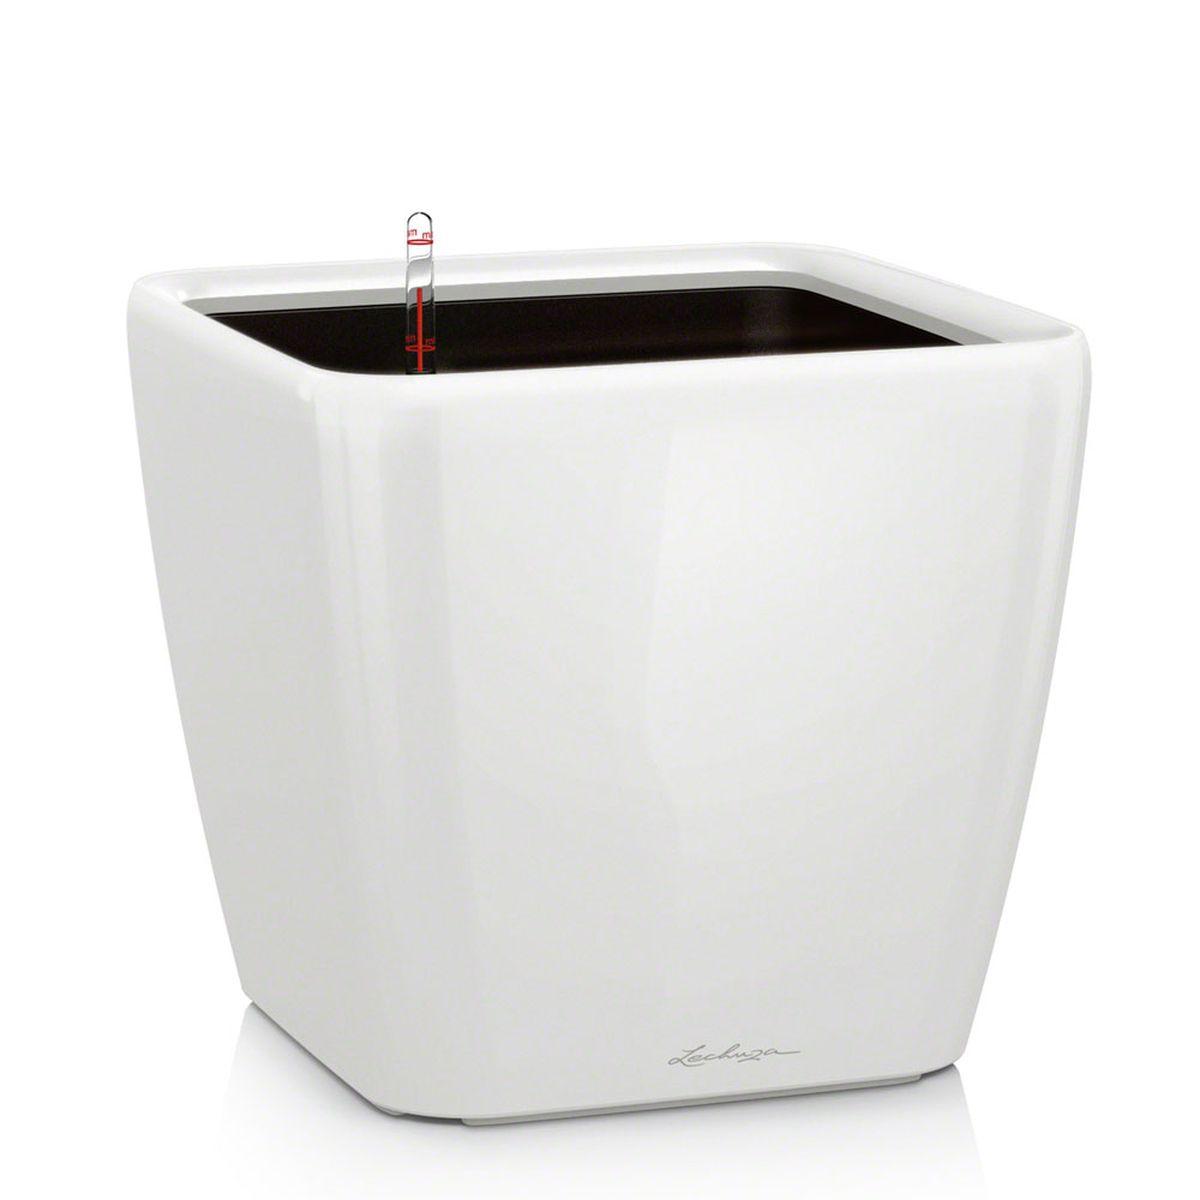 Кашпо Lechuza Quadro, с системой автополива, цвет: белый, 21 х 21 х 20 см16120Кашпо Lechuza Quadro, выполненное из высококачественного пластика, имеет уникальную систему автополива, благодаря которой корневая система растения непрерывно снабжается влагой из резервуара. Уровень воды в резервуаре контролируется с помощью специального индикатора. В зависимости от размера кашпо и растения воды хватает на 2-12 недель. Это способствует хорошему росту цветов и предотвращает переувлажнение.В набор входит: кашпо, внутренний горшок с выдвижной эргономичной ручкой, индикатор уровня воды, вал подачи воды, субстрат растений в качестве дренажного слоя, резервуар для воды.Кашпо Lechuza Quadro прекрасно впишется в любой интерьер. Оно поможет расставить нужные акценты, а также придаст помещению вид, соответствующий вашим представлениям.